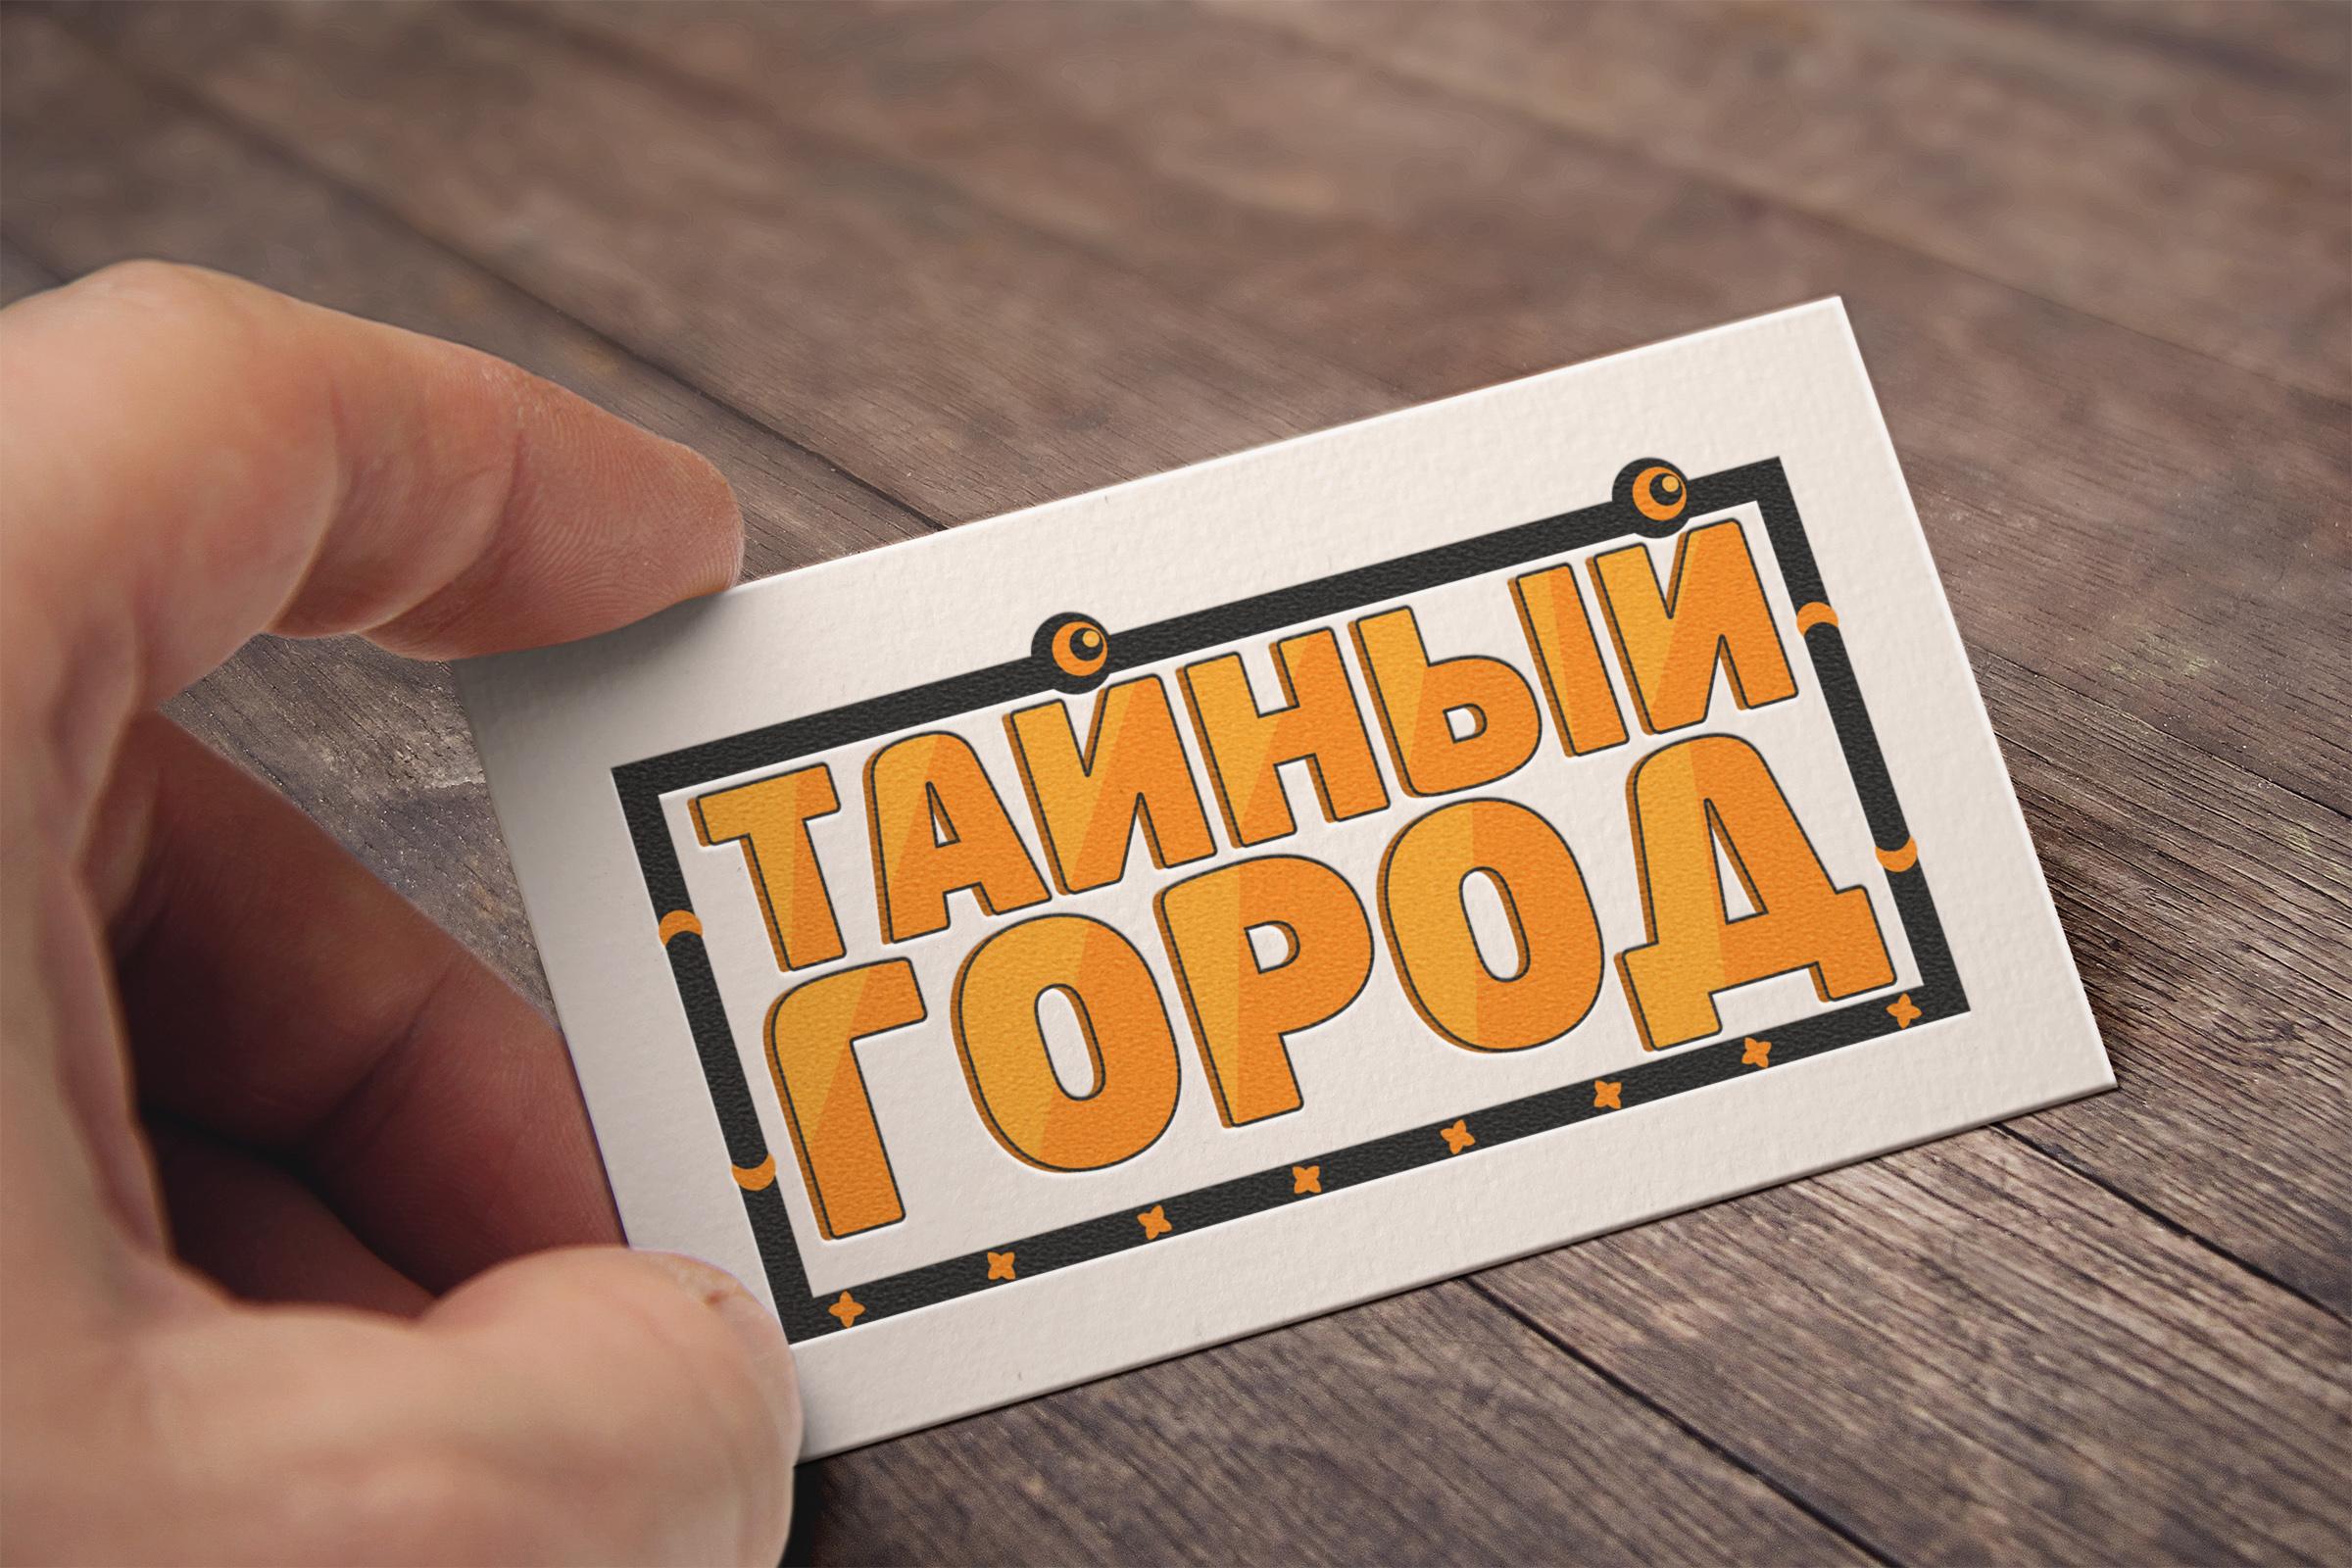 Разработка логотипа и шрифтов для Квеста  фото f_3065b4351aad1244.jpg